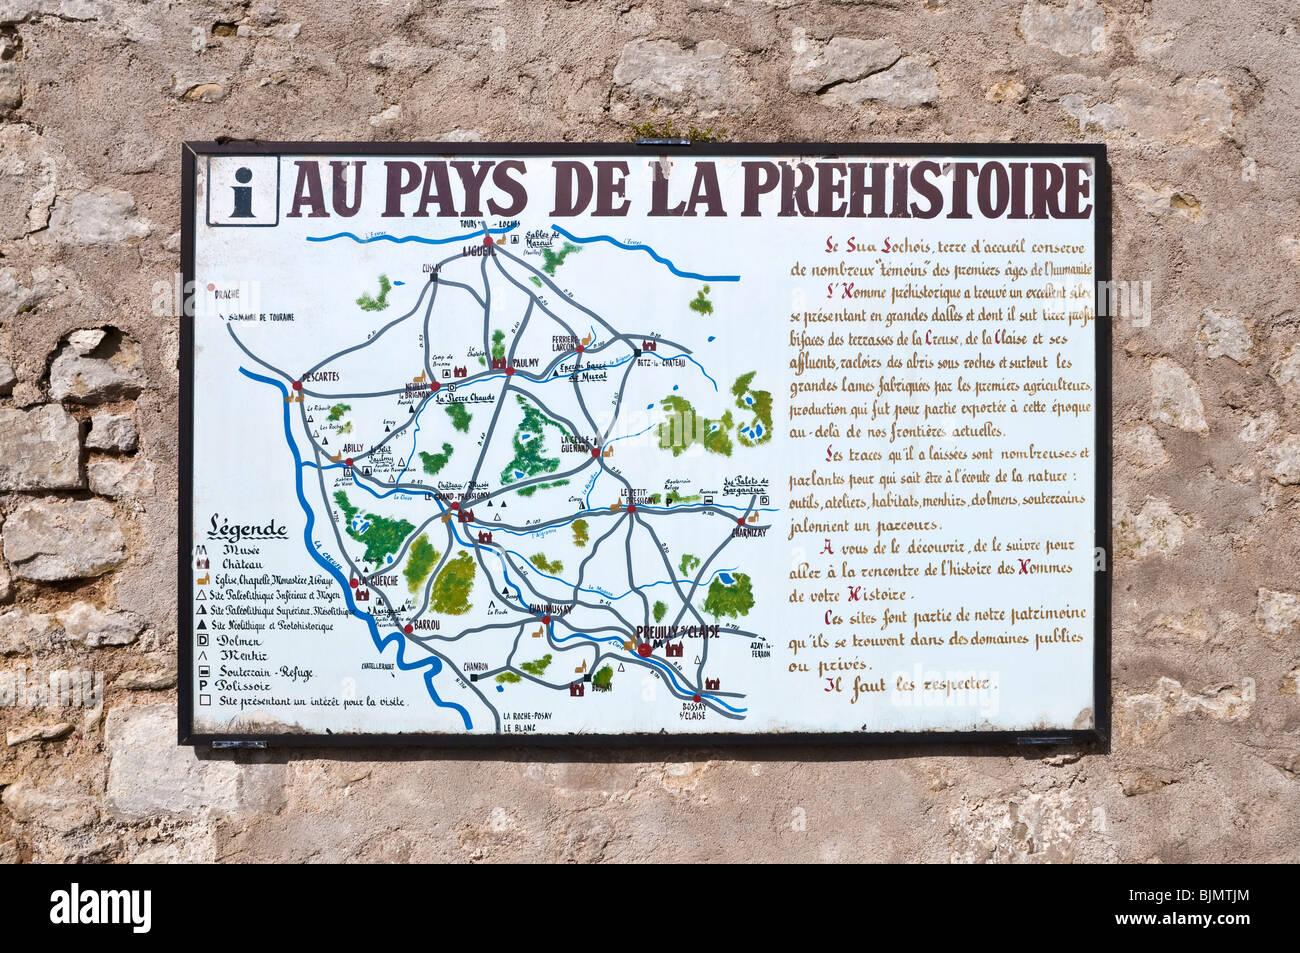 Au Pays De La Prehistoire map / Prehistoric Places to visit - France. - Stock Image